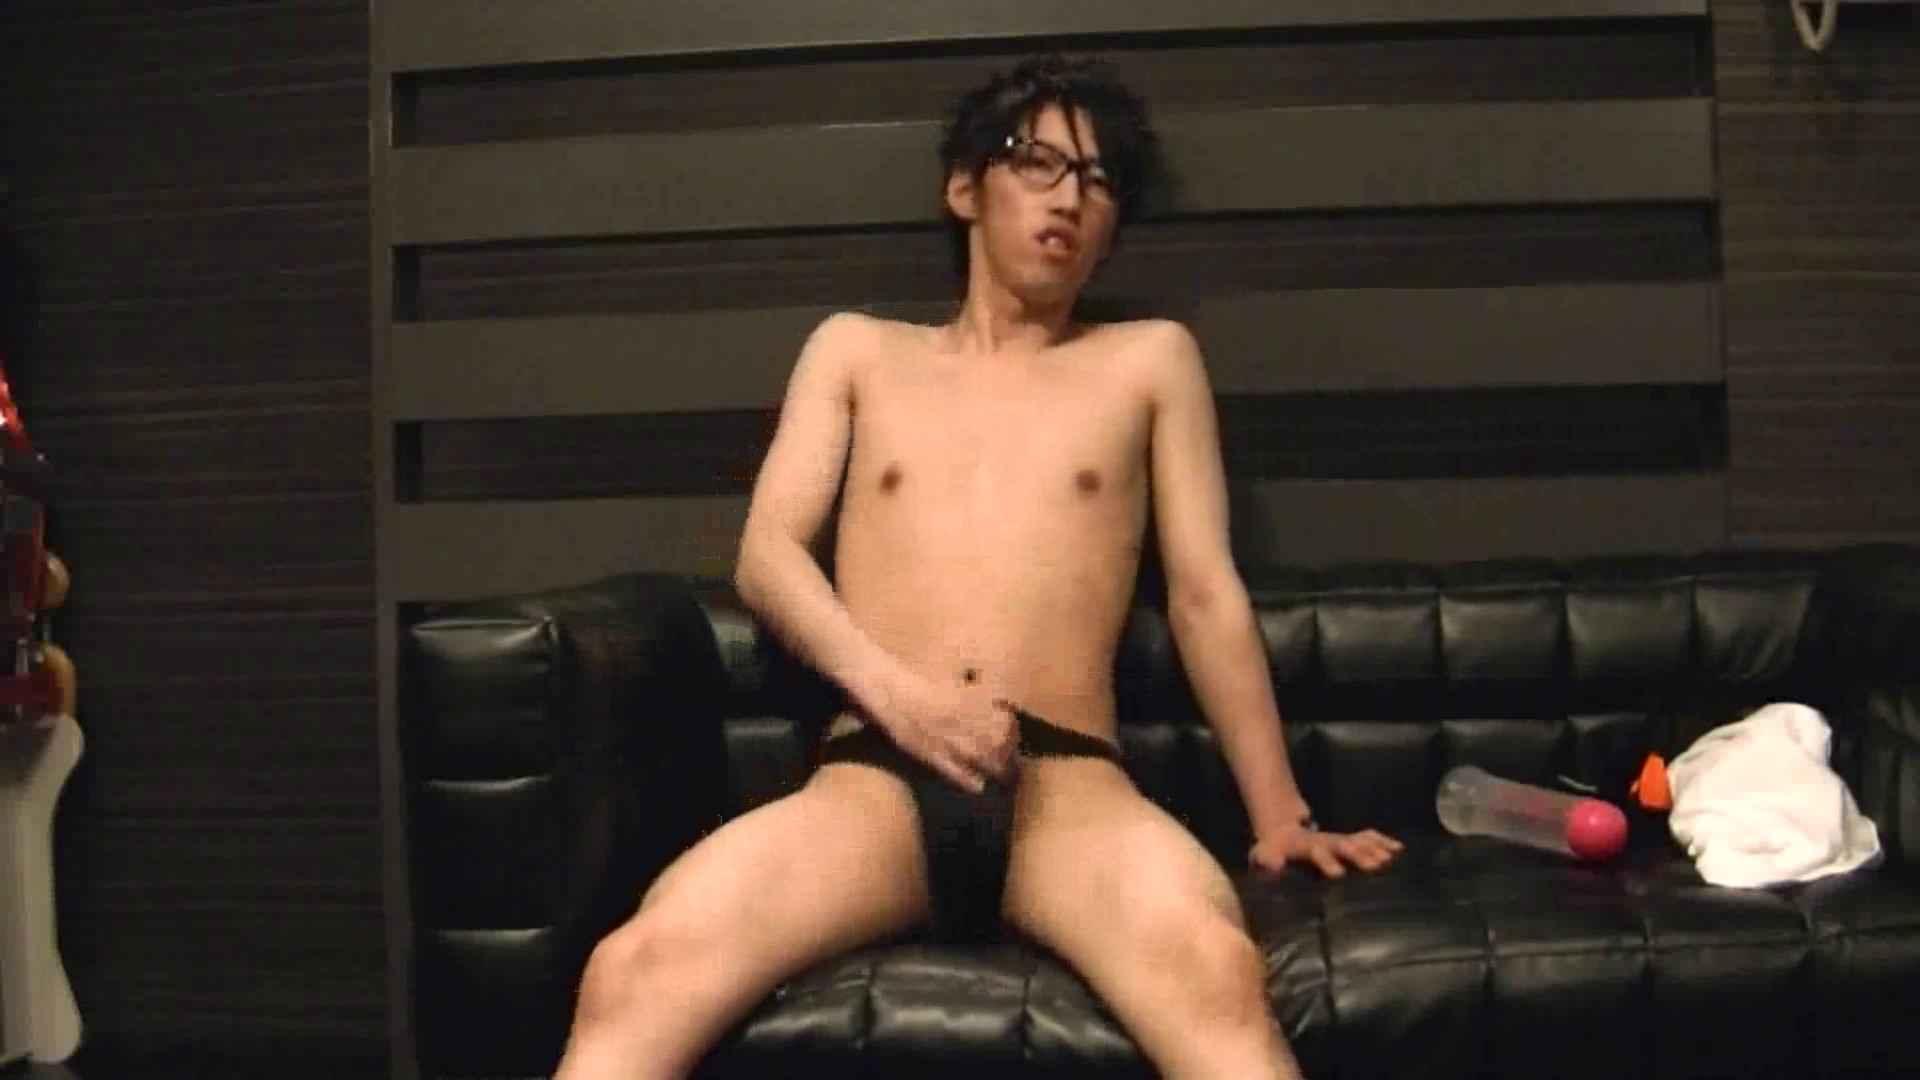 ONA見せカーニバル!! Vol3 ゲイのオナニー映像  103枚 60